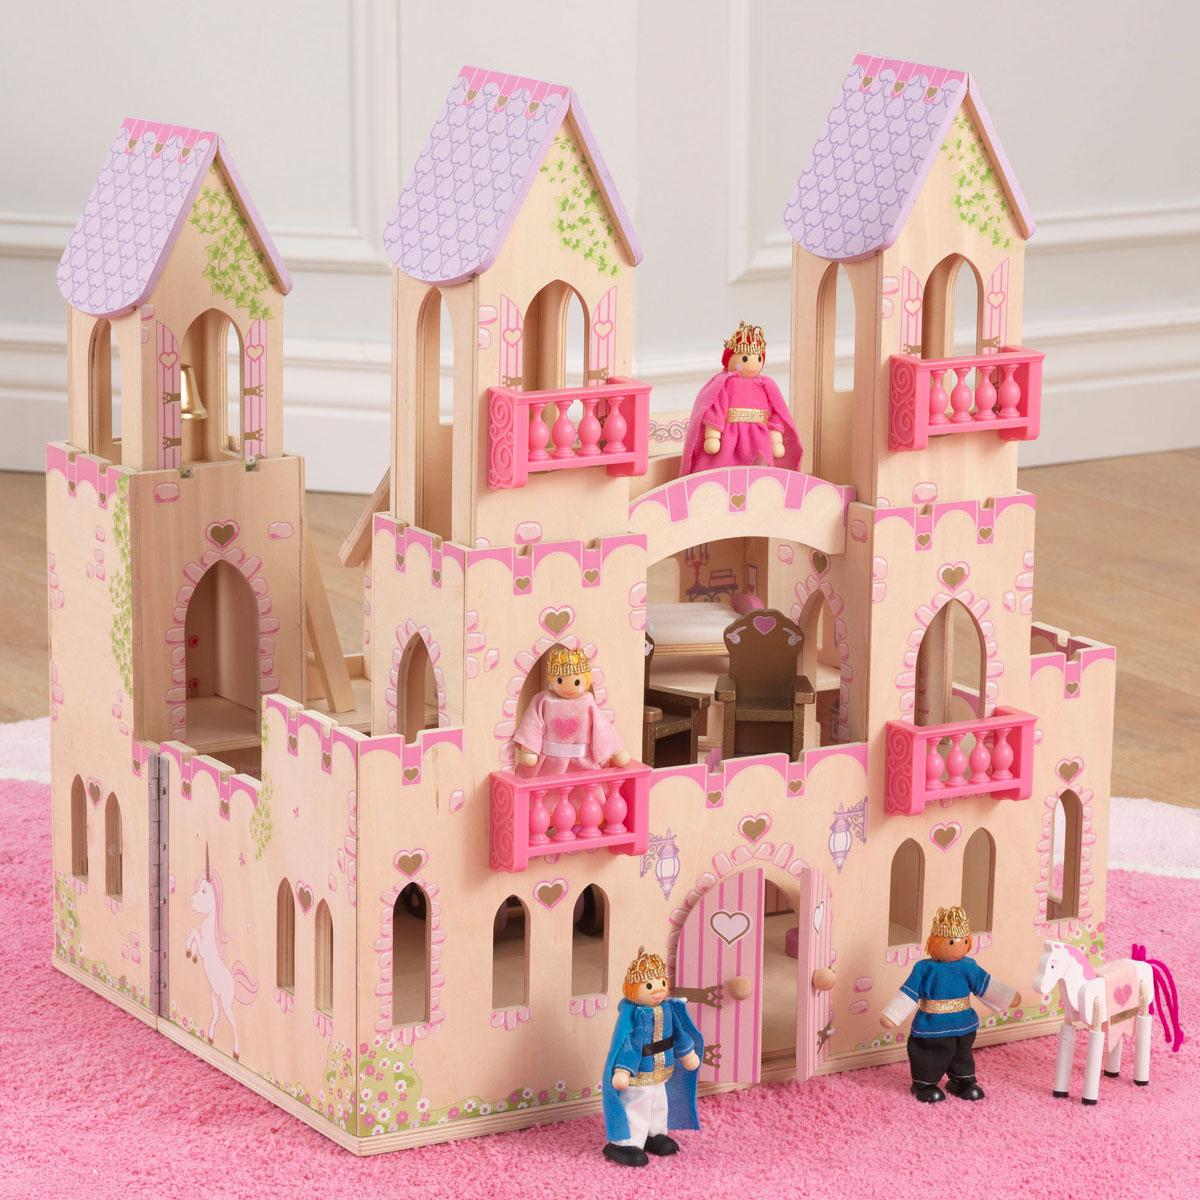 SchiebetUren Holz Mit Schloss ~ KidKraft Prinzessinnen Schloss aus Holz mit Zubehör  Pirum